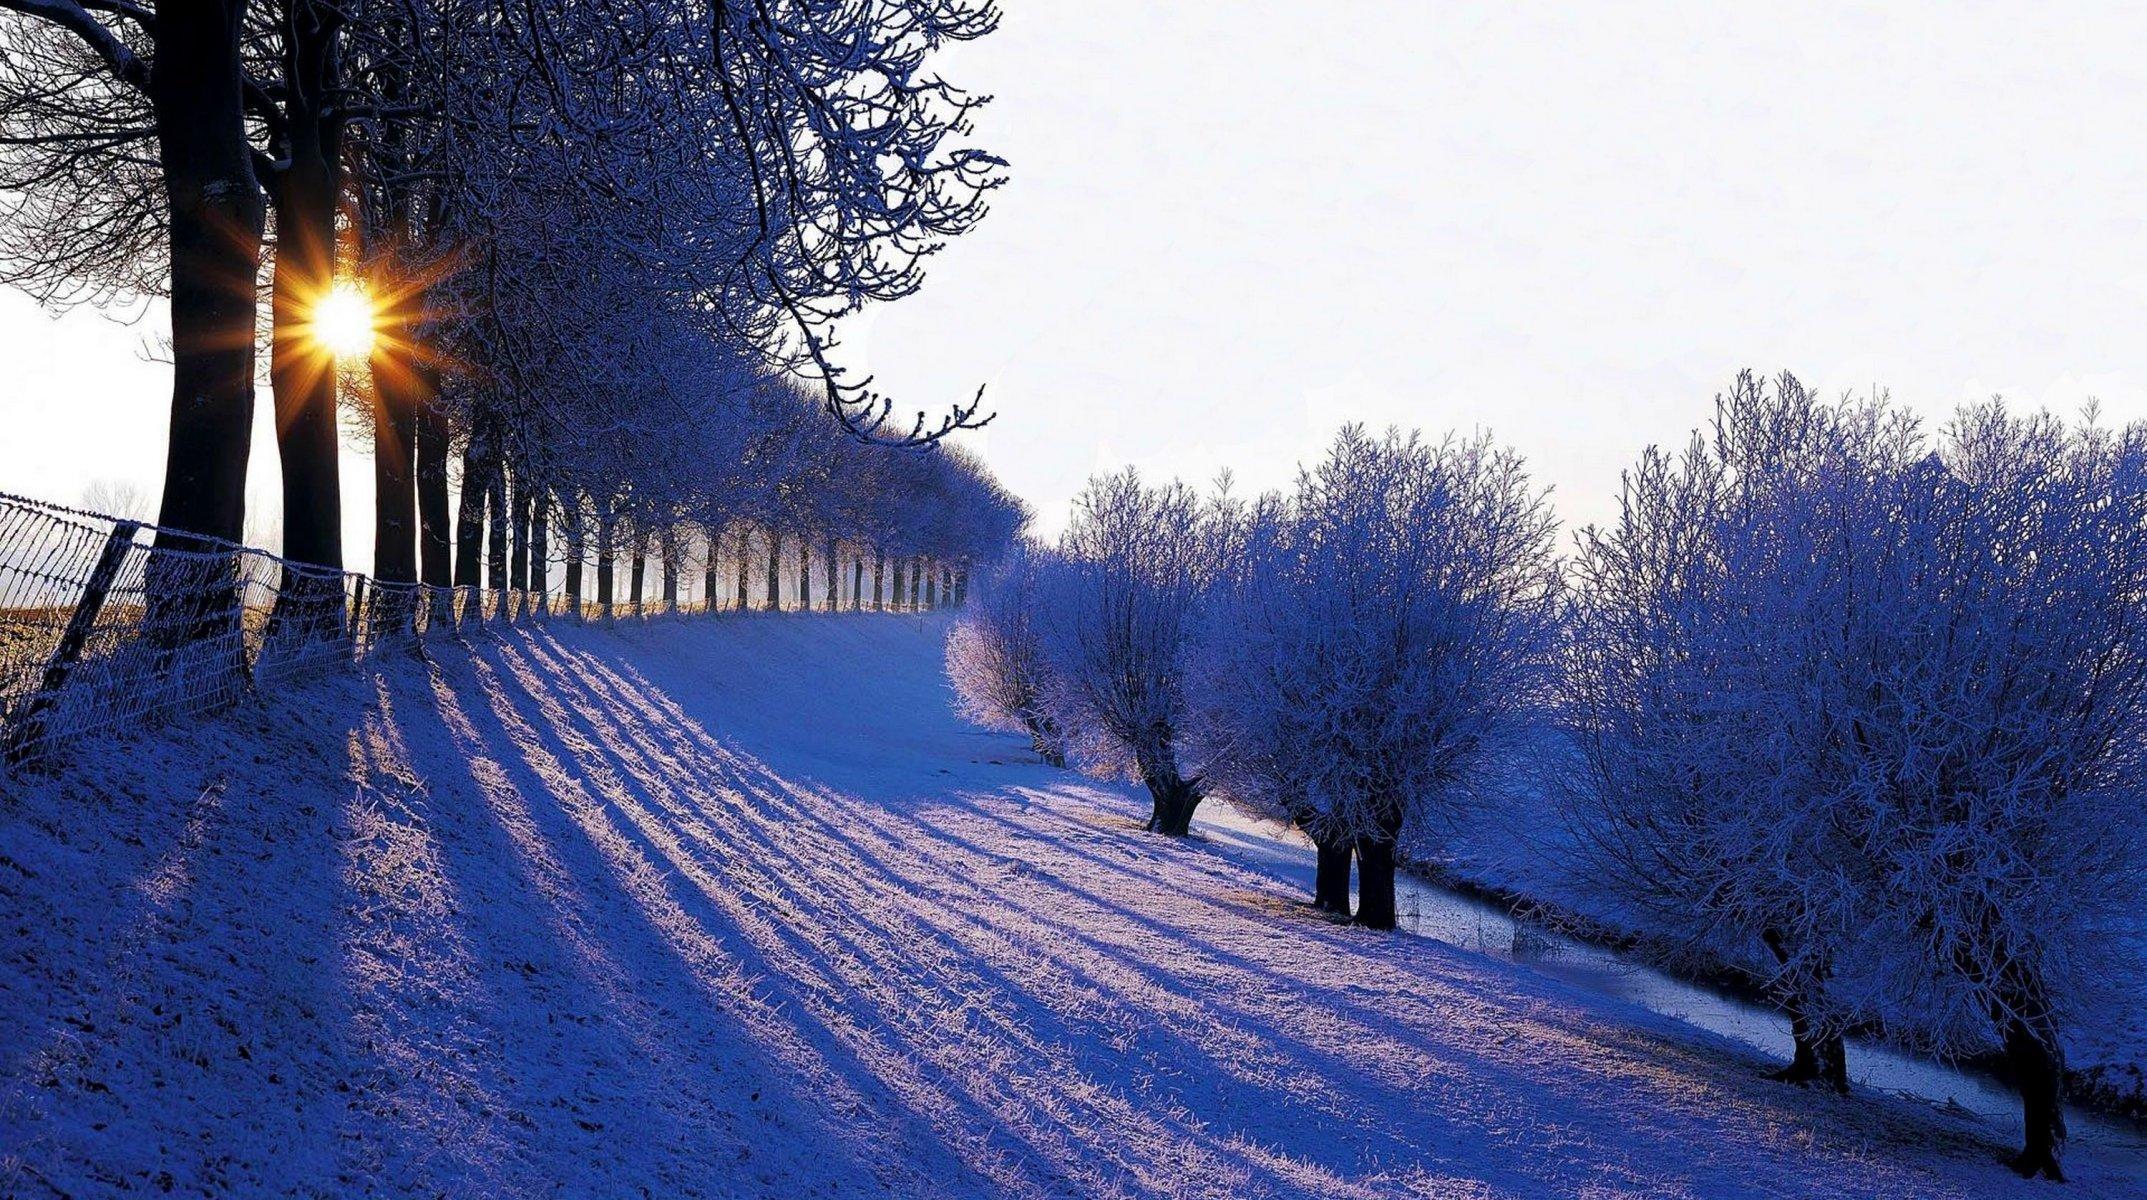 Я люблю вас до снега. Зимой, будто серые звери, заночуют сугробы под окнами наших квартир. А пока – светлячки сигарет в номерном...